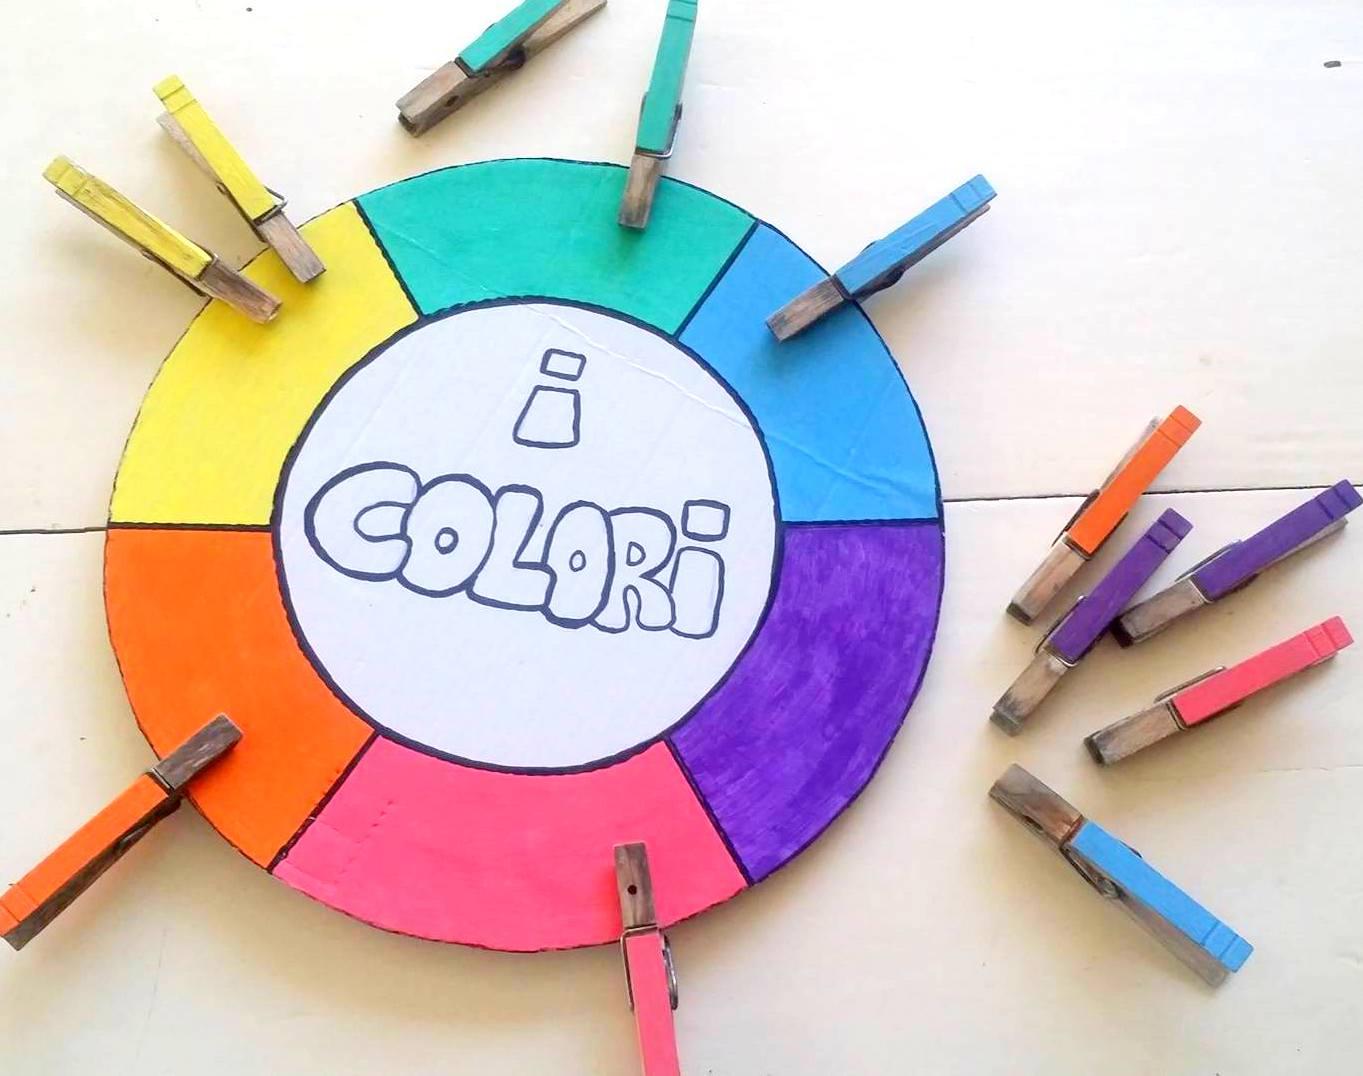 Extrêmement come realizzare la ruota dei colori - Centrifugato di Mamma NK23